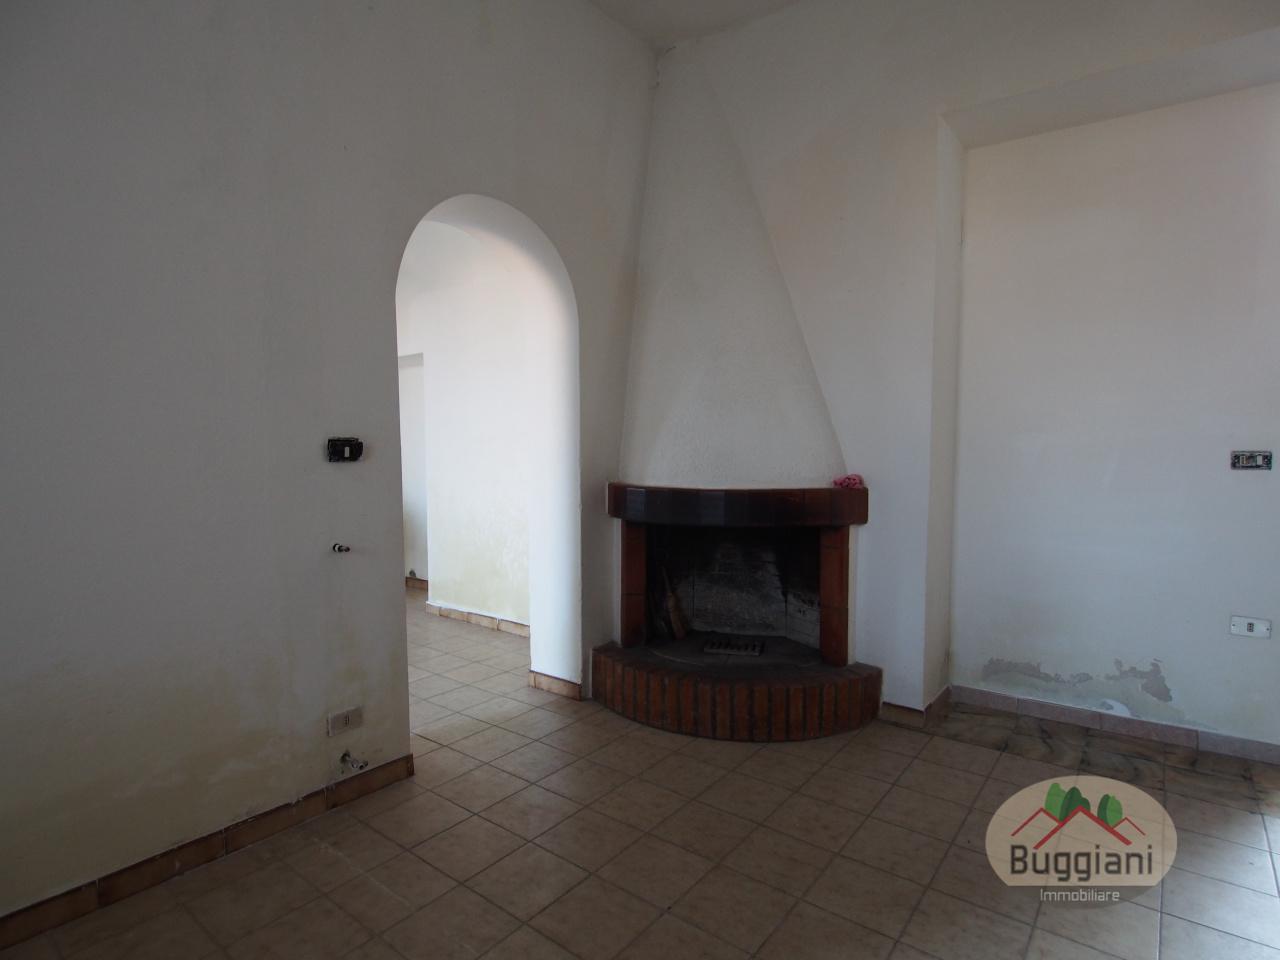 Terratetto in vendita RIF. 1677, San Miniato (PI)